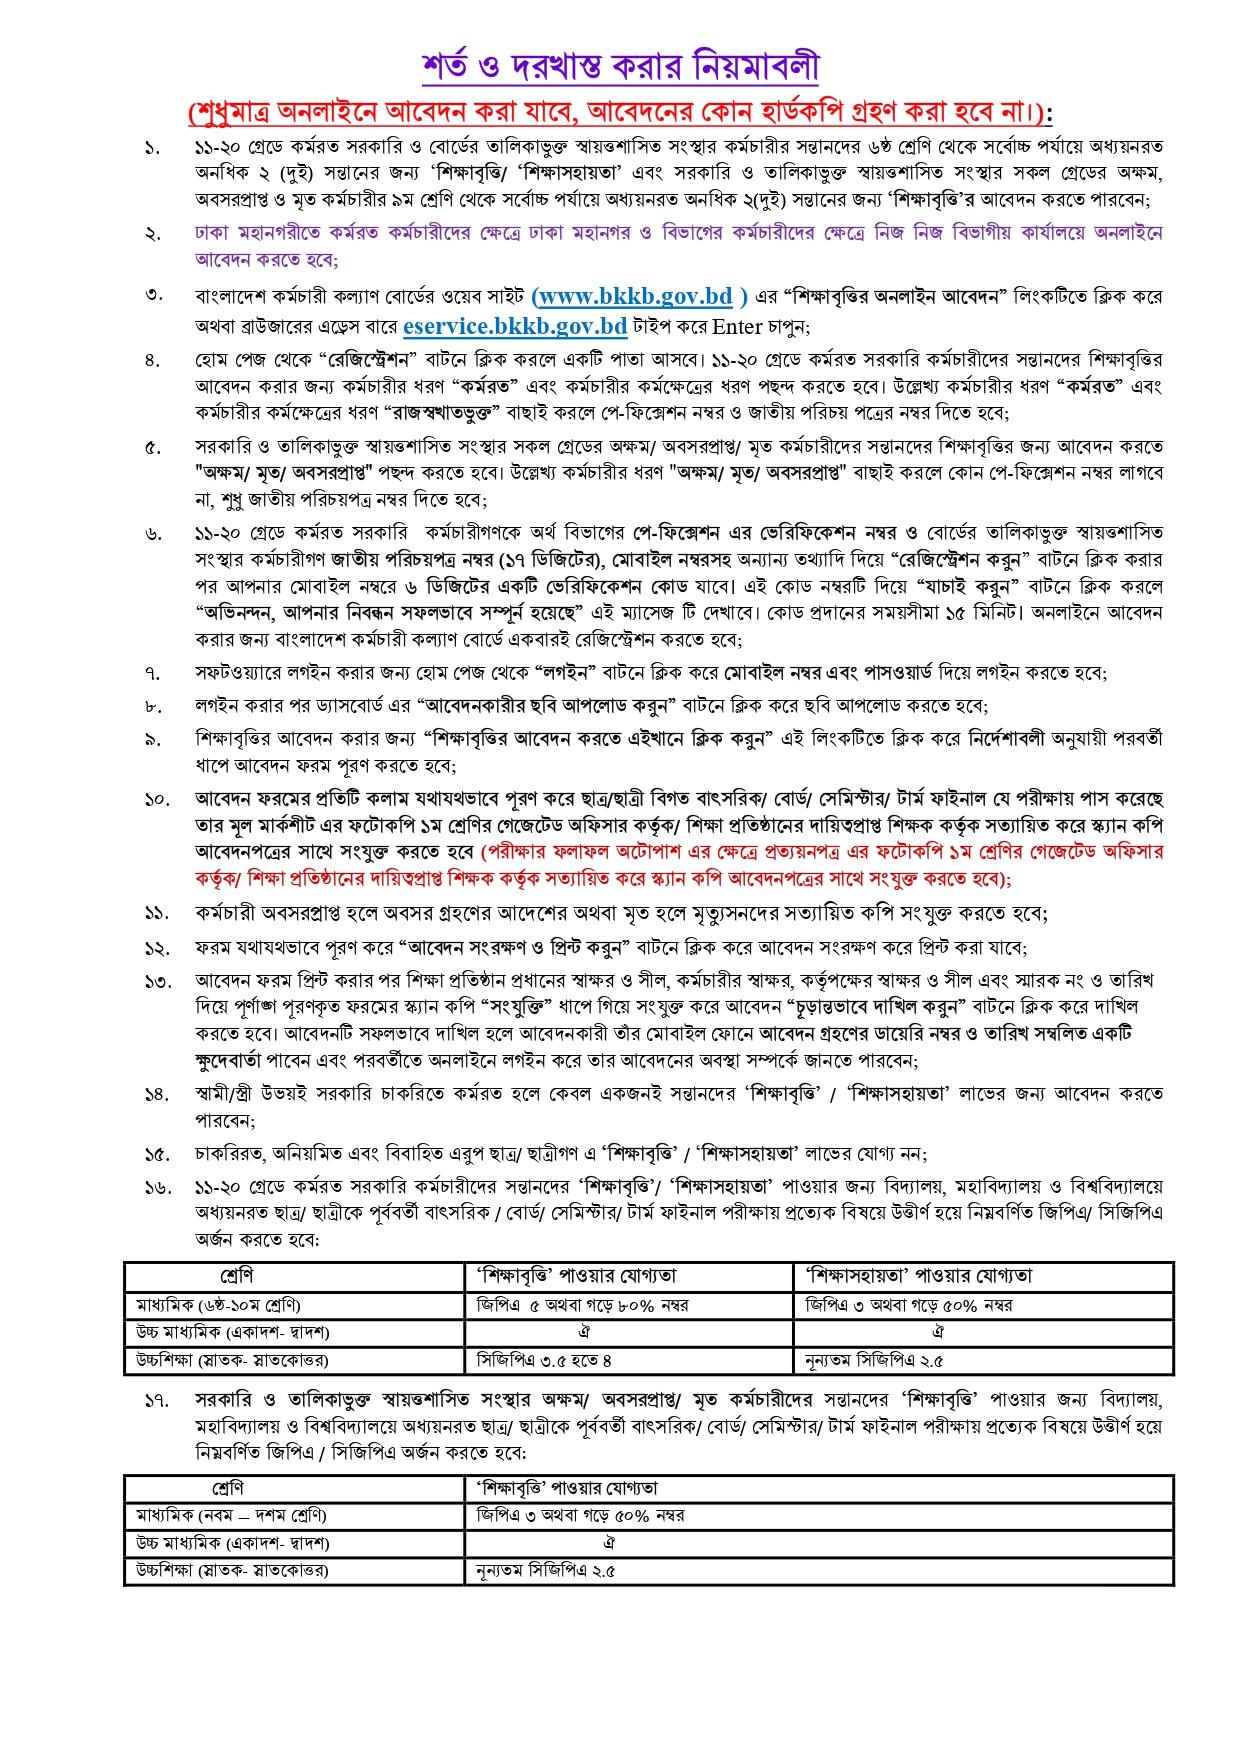 বাংলাদেশ কর্মচারি কল্যাণ বোর্ডে শিক্ষাবৃত্তি ও শিক্ষাসহায়ক ভাতা প্রাপ্তির শর্ত ও আবেদনের নিয়মাবলি: